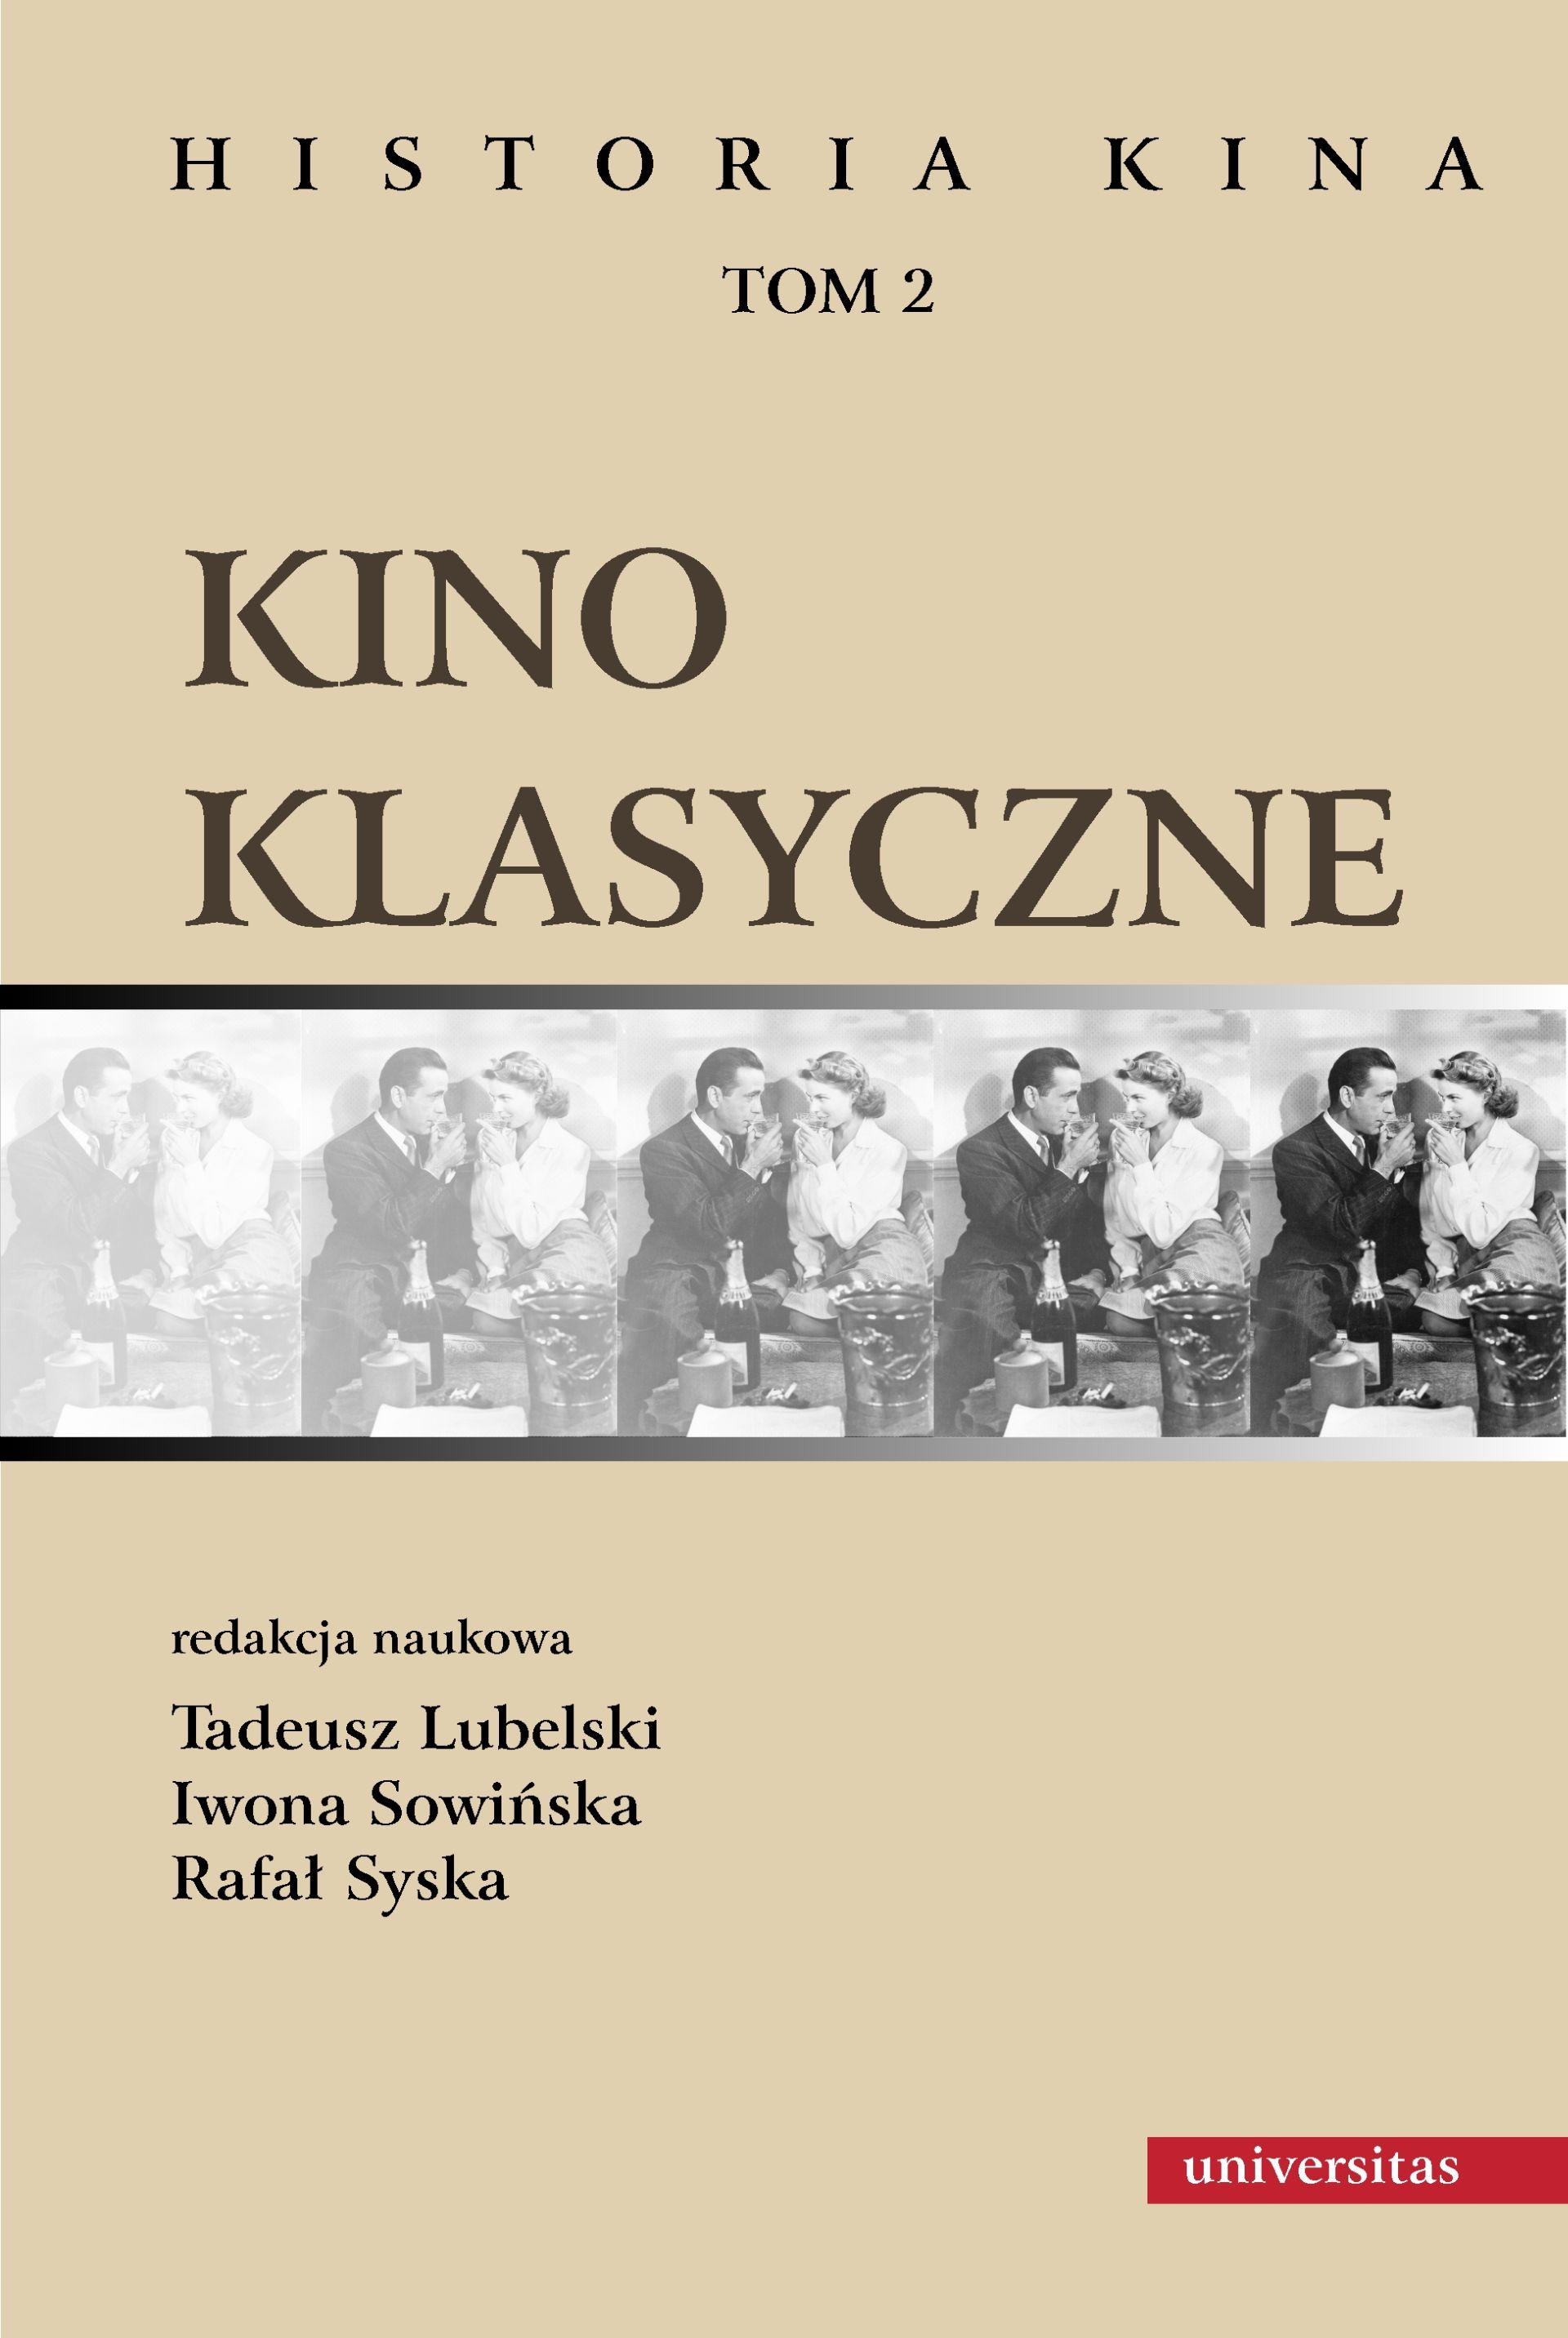 """Okładka książki """"Kino klasyczne. Historia kina"""" (materiały prasowe Universitas)"""